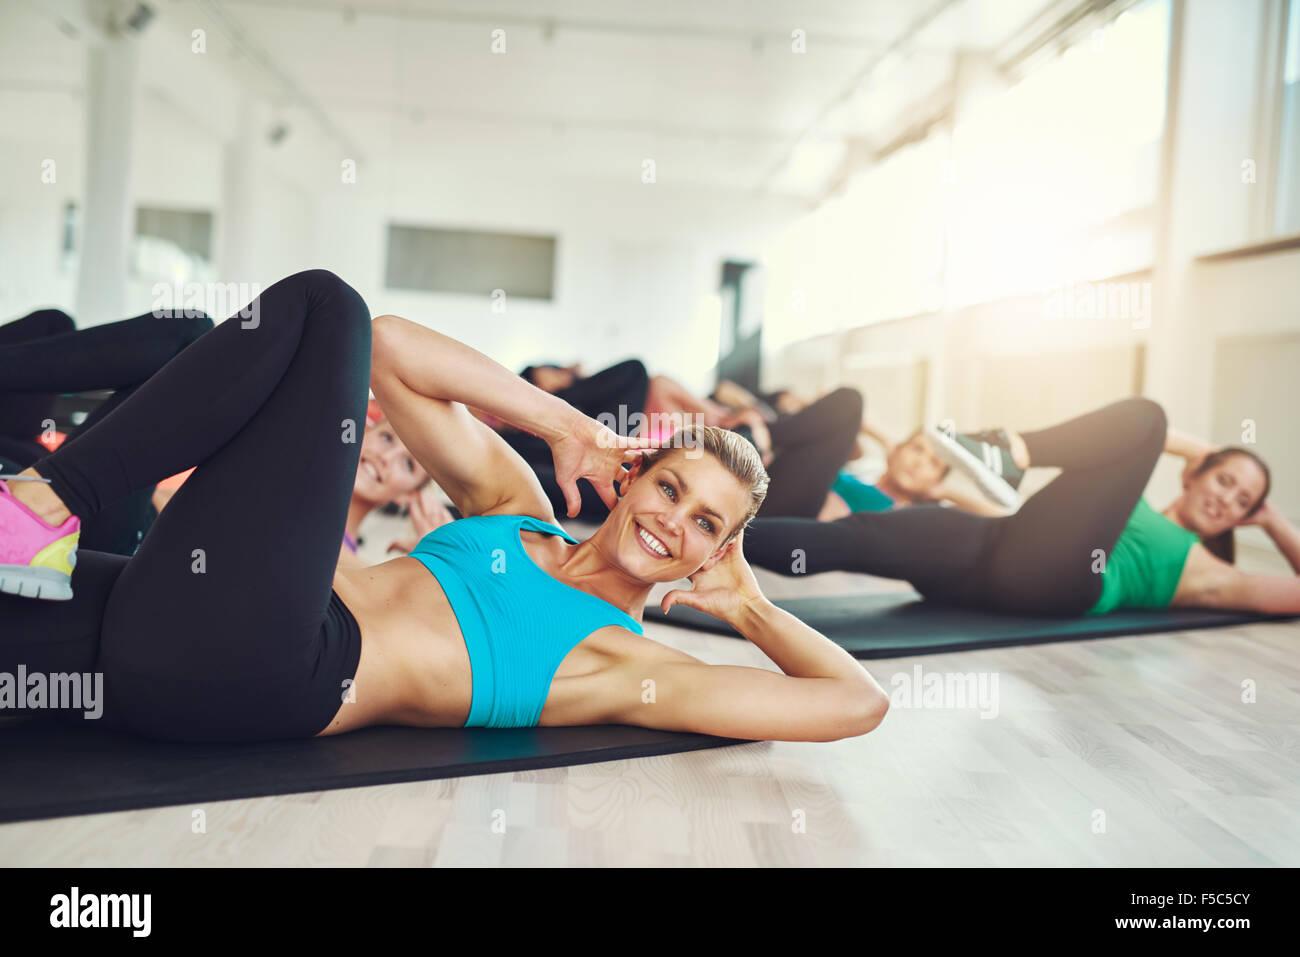 Smiling attractive young woman faisant de l'aérobic dans la salle de sport avec un groupe de jeunes femmes Photo Stock